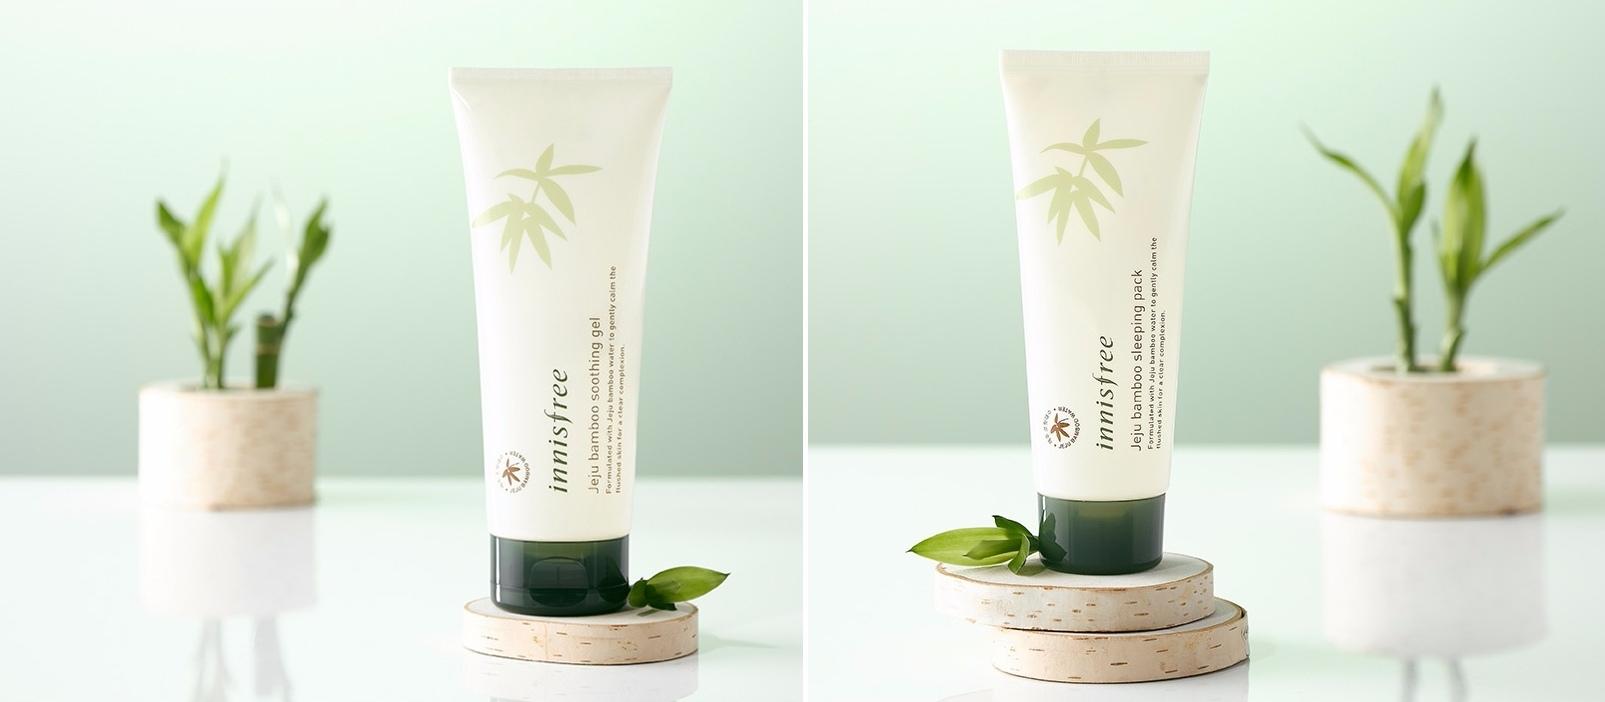 首先就是這兩款分別是濟州青竹舒緩凝露(左)、濟州青竹晚安面膜(右),都是由濟州青竹萃取,非常清爽溫和,可以有效舒緩、鎮定乾燥的肌膚。